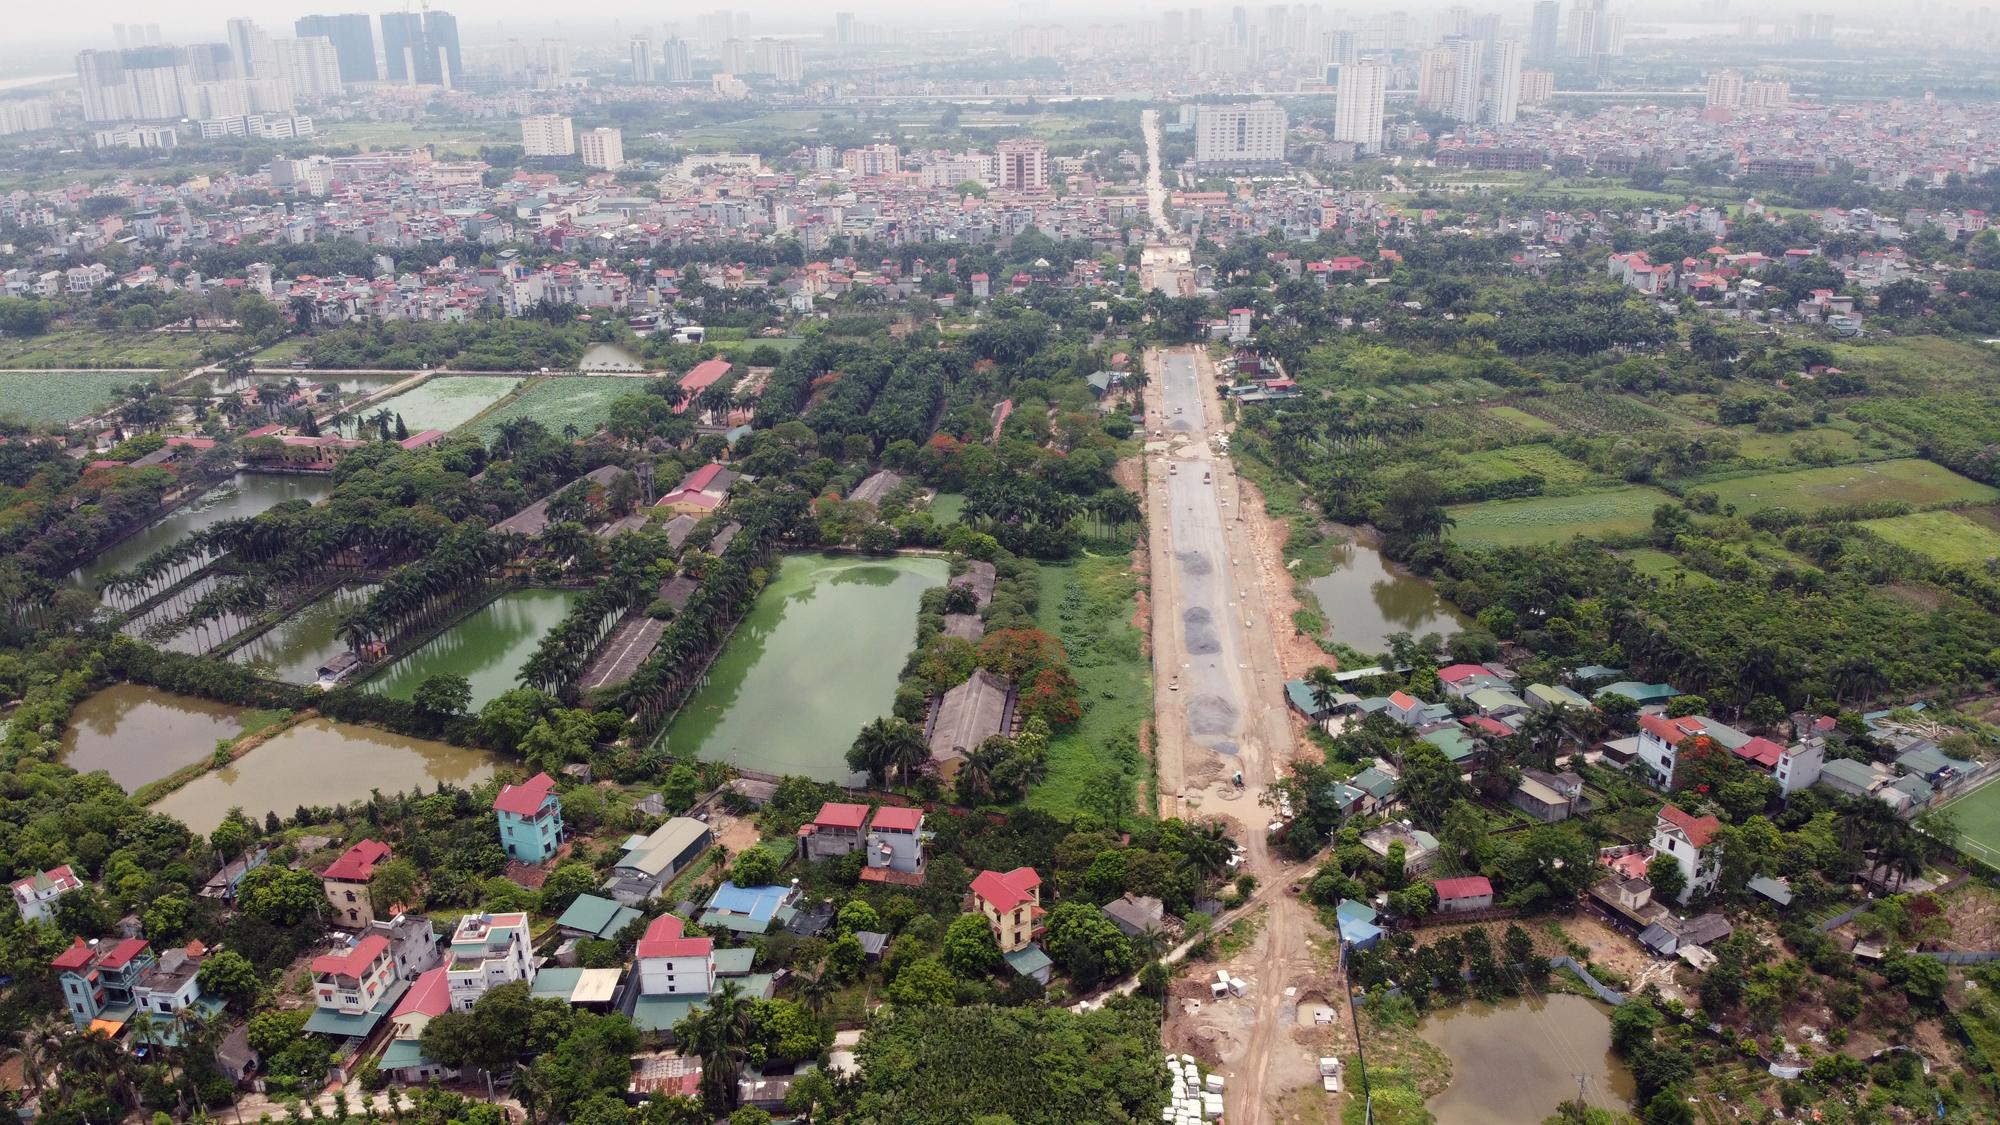 Kế hoạch sử dụng đất phường Cổ Nhuế 2, Bắc Từ Liêm, Hà Nội năm 2021 - Ảnh 1.